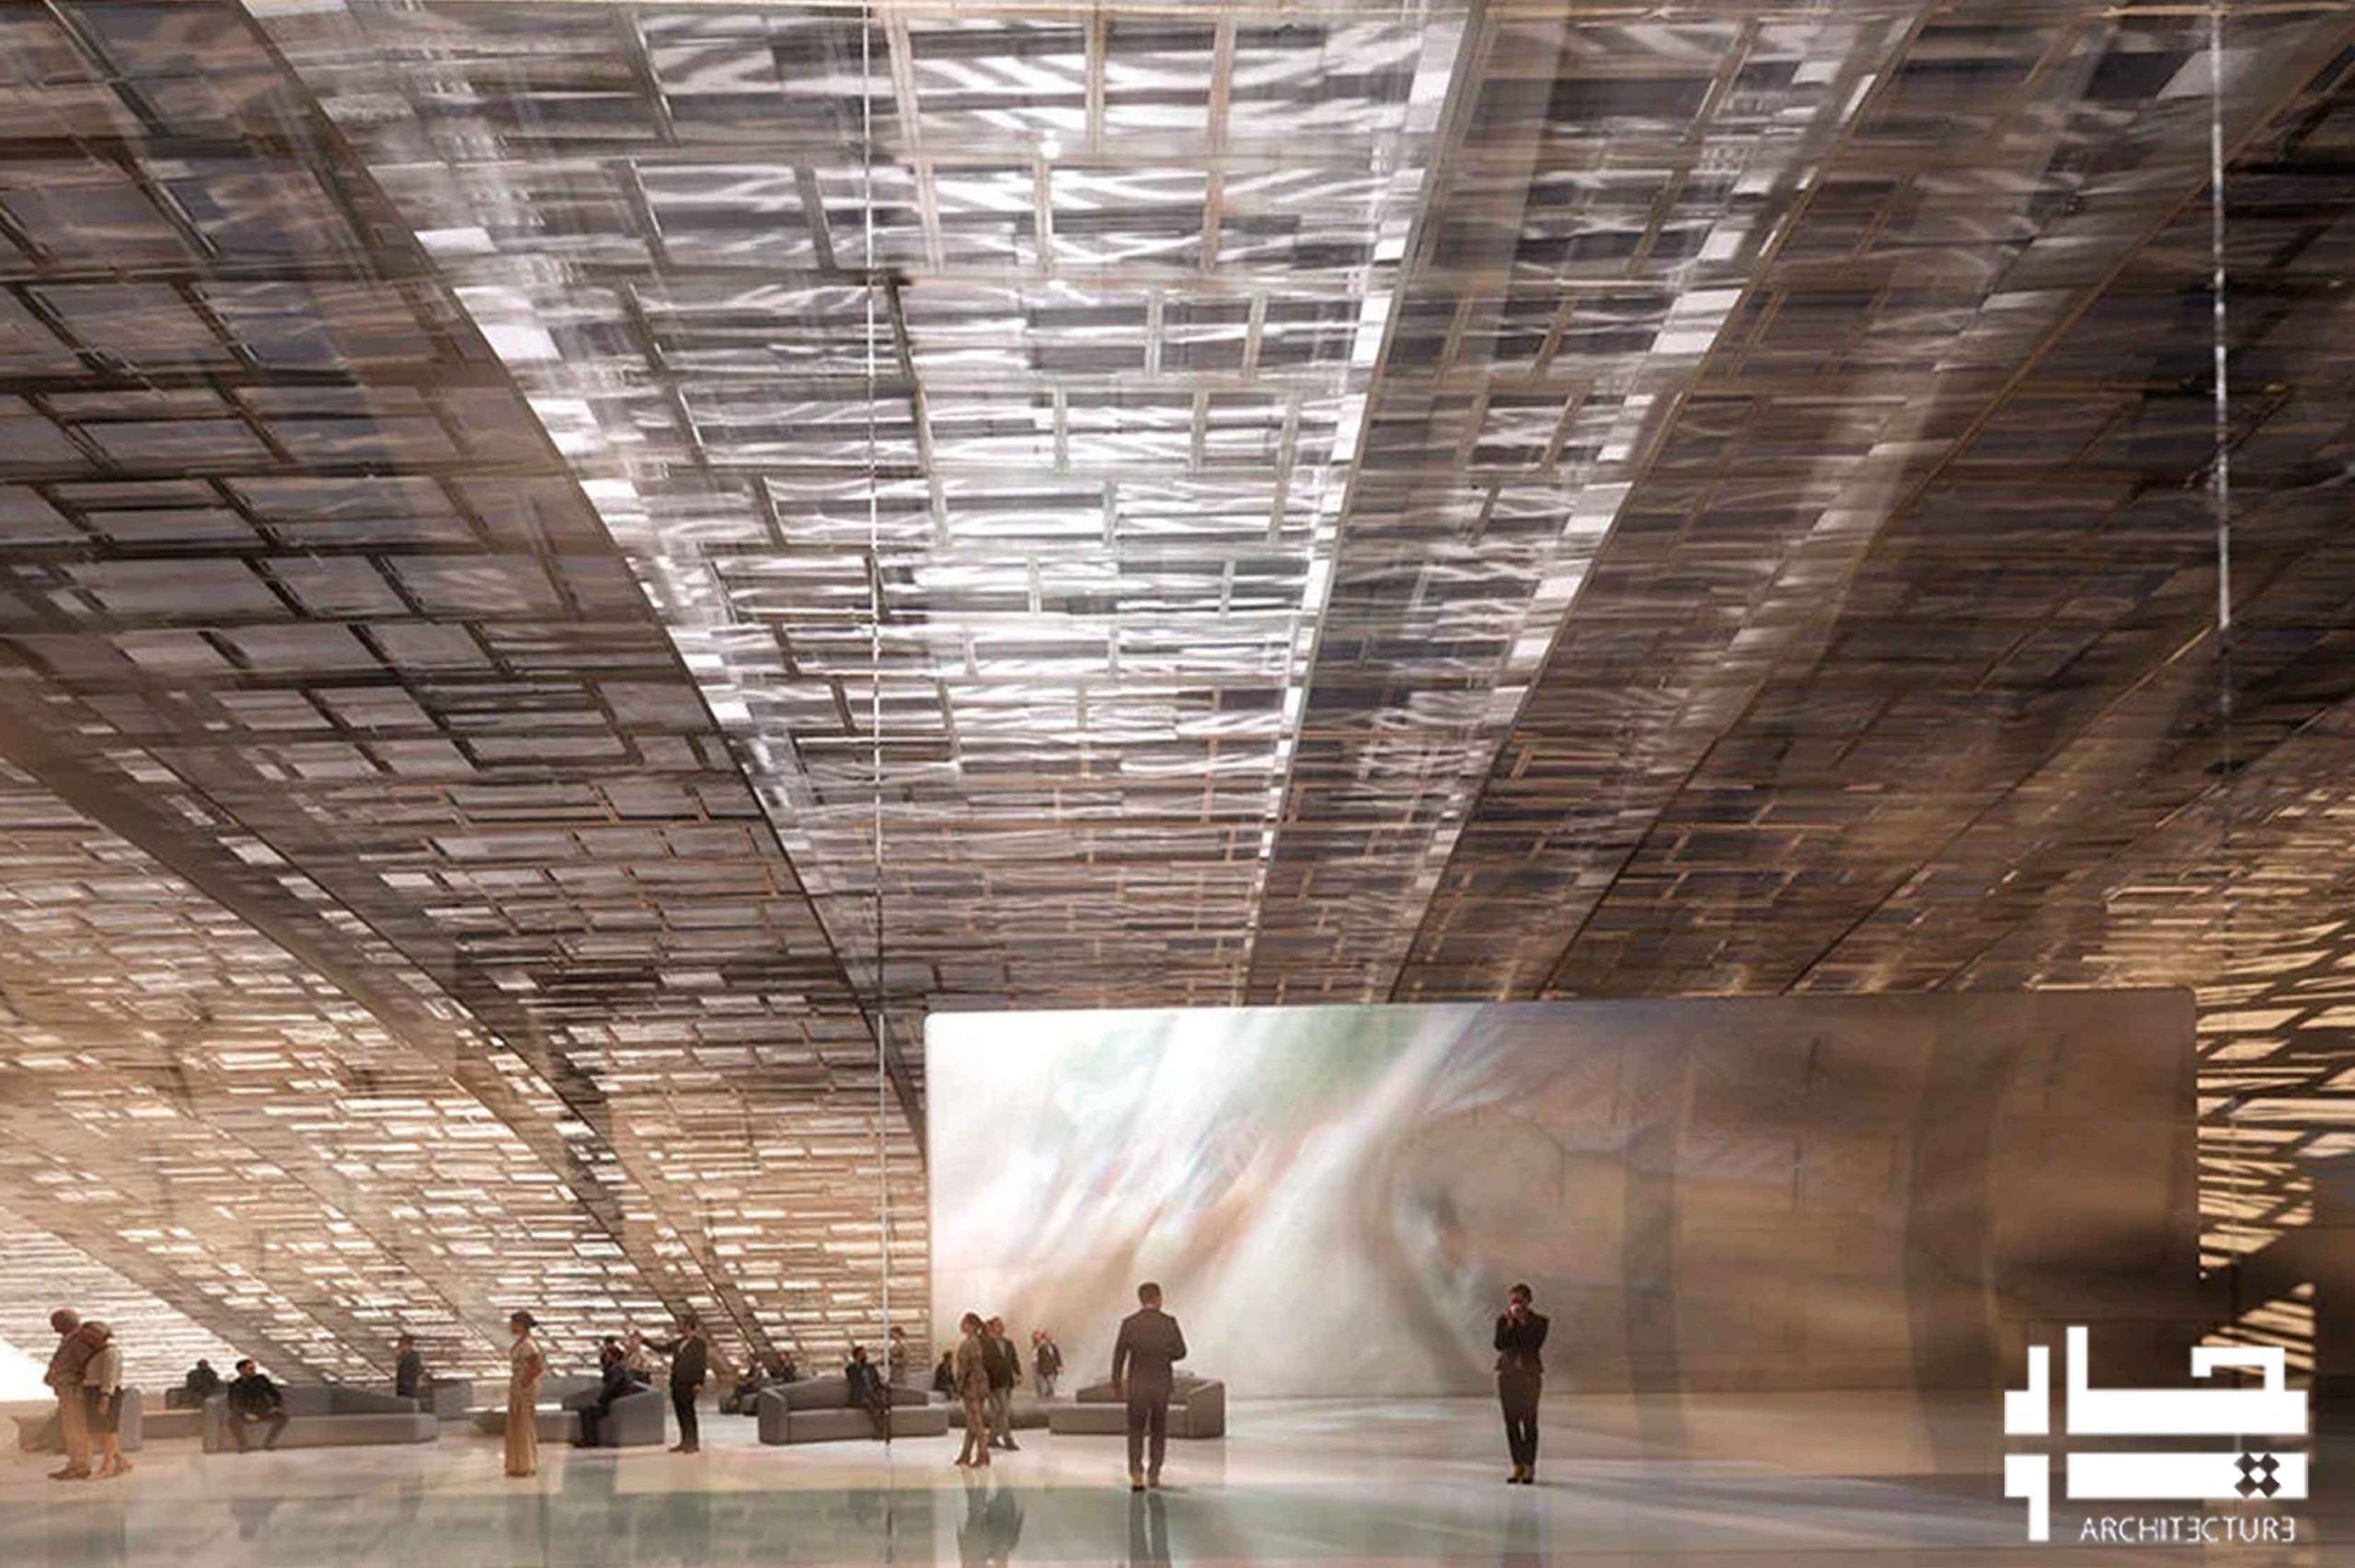 ژان نوول در رقابت برای ساخت بزرگترین سالن اپرای جهان در چین برنده شد